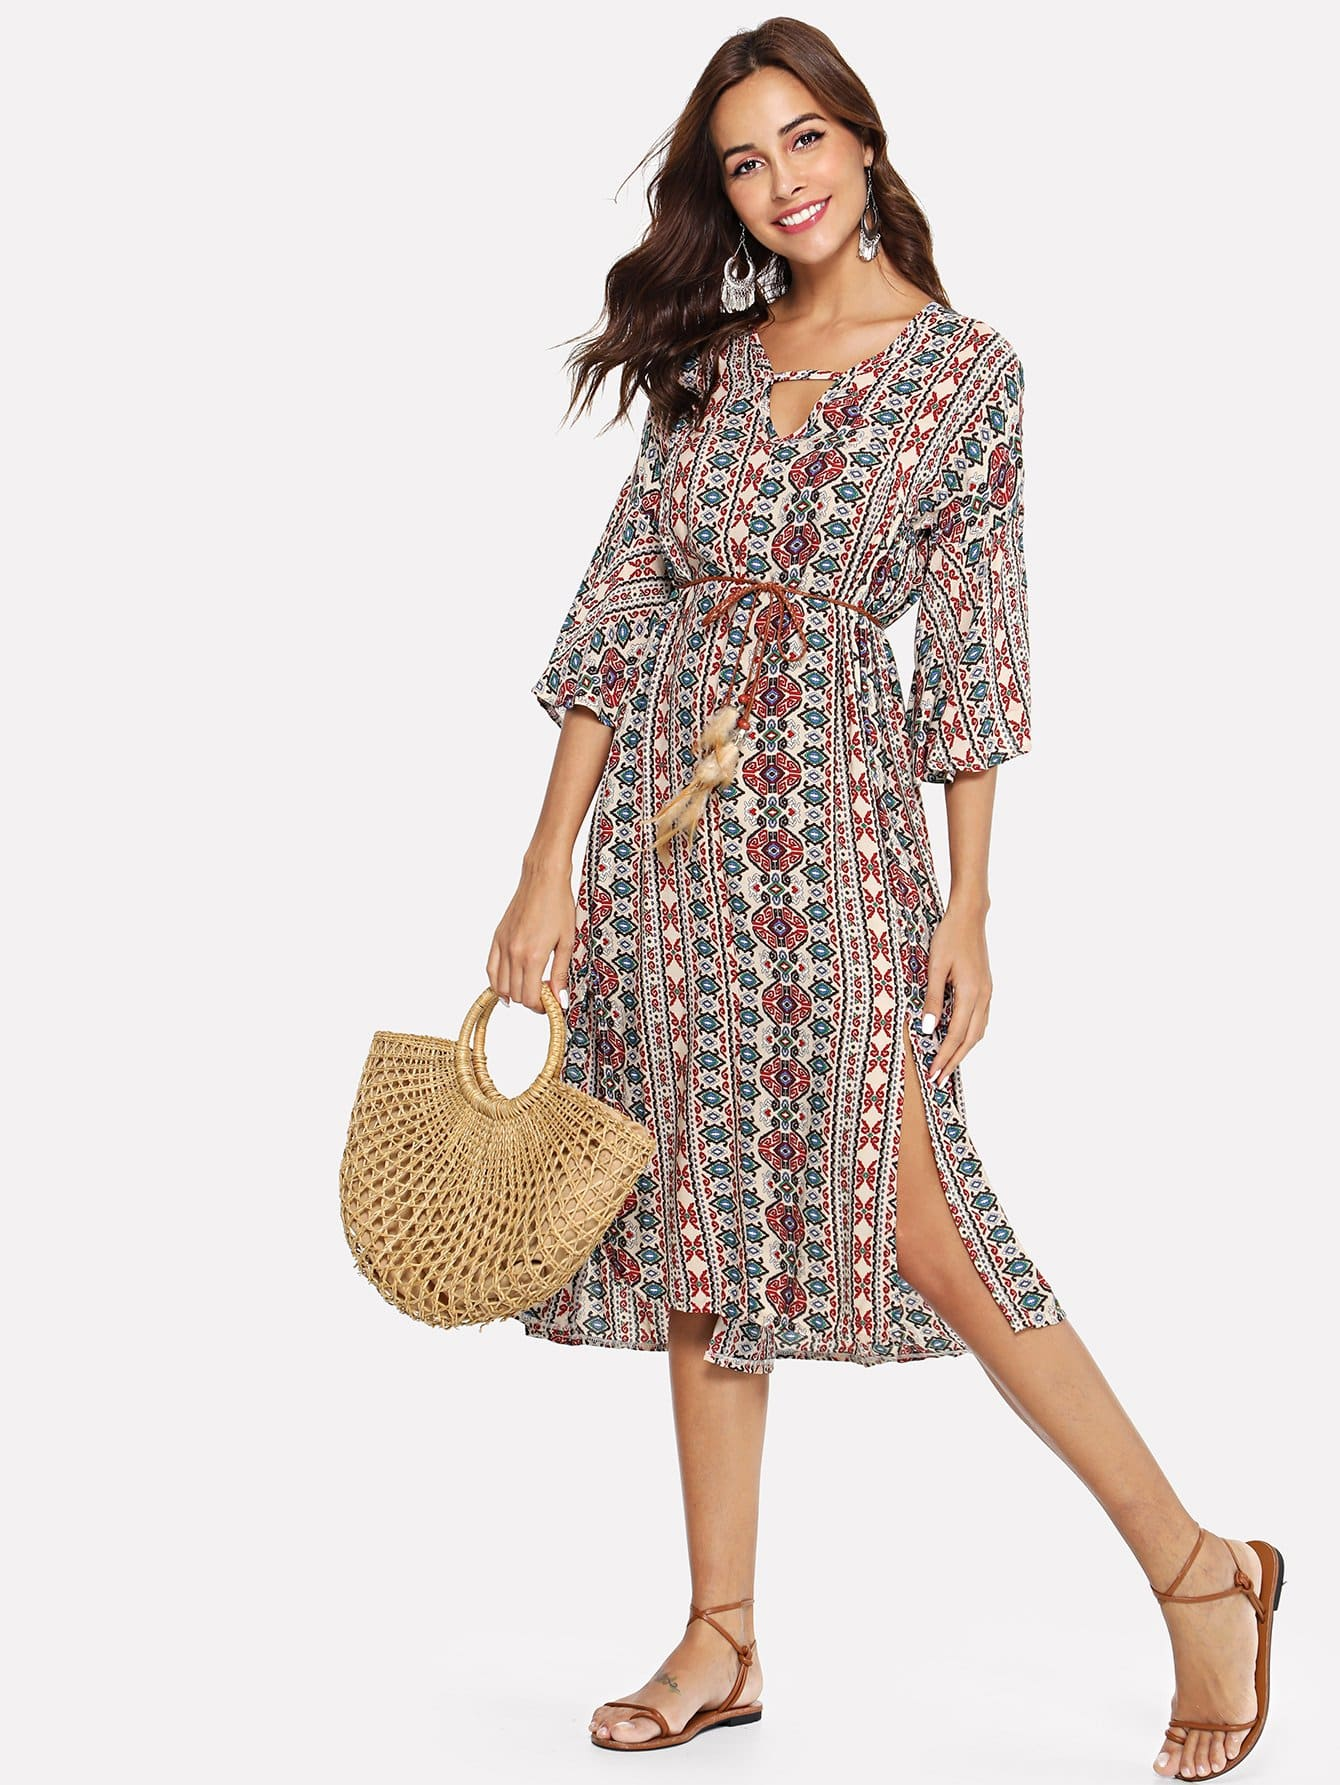 Купить Платье с принтом племя и с разрезами, Giulia, SheIn